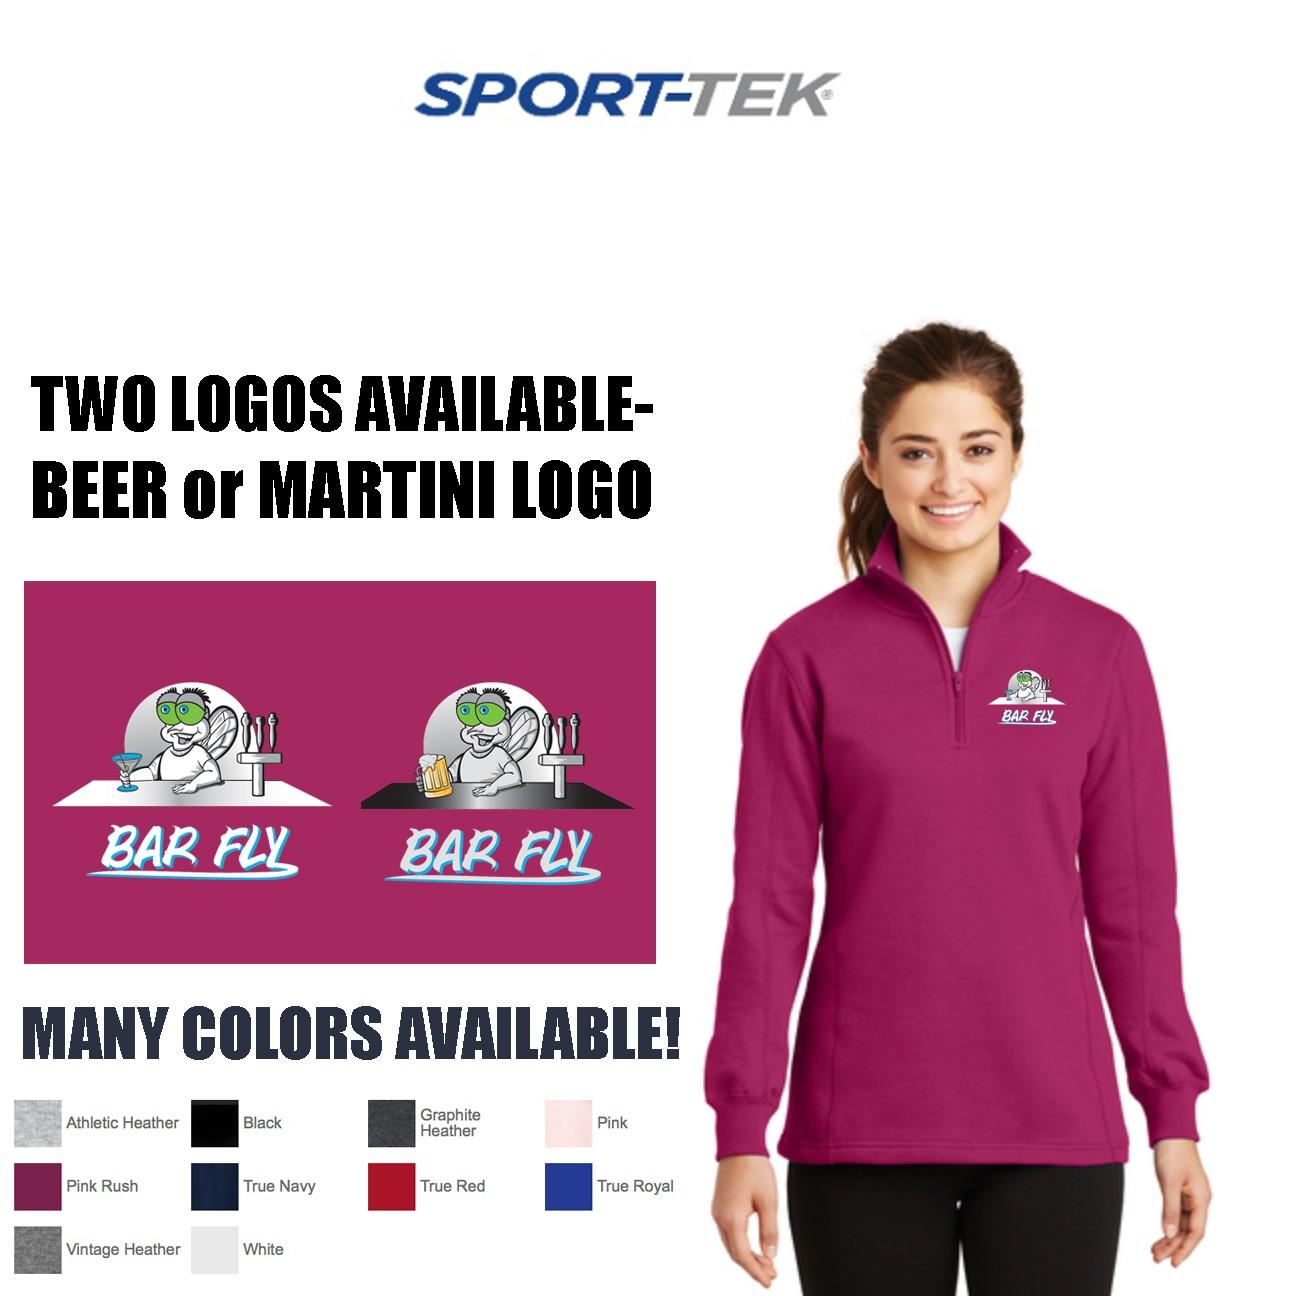 Bar Fly Apparel Sport Tek 1 4 Zip Sweatshirt Womens Fit 0 reviews write a review. bar fly apparel sport tek 1 4 zip